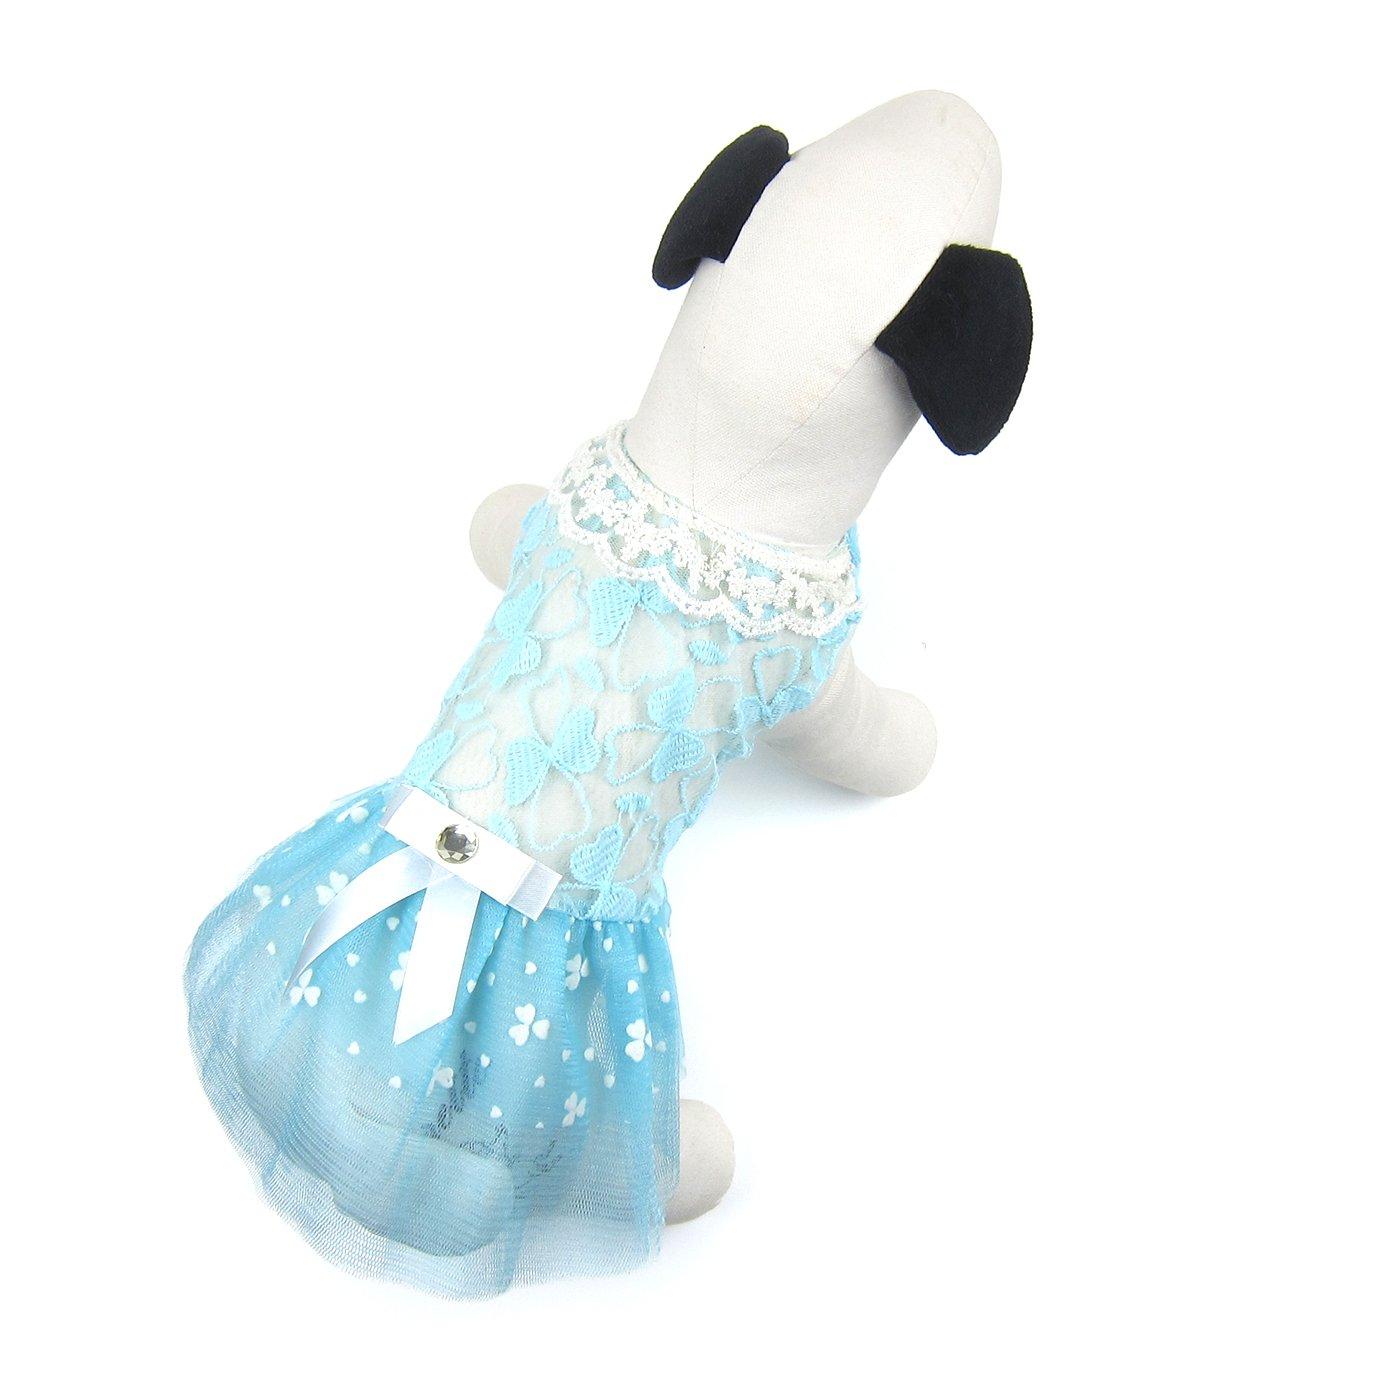 bluee XL bluee XL Alfie Pet Corey Lace Party Dress color  bluee, Size  XL